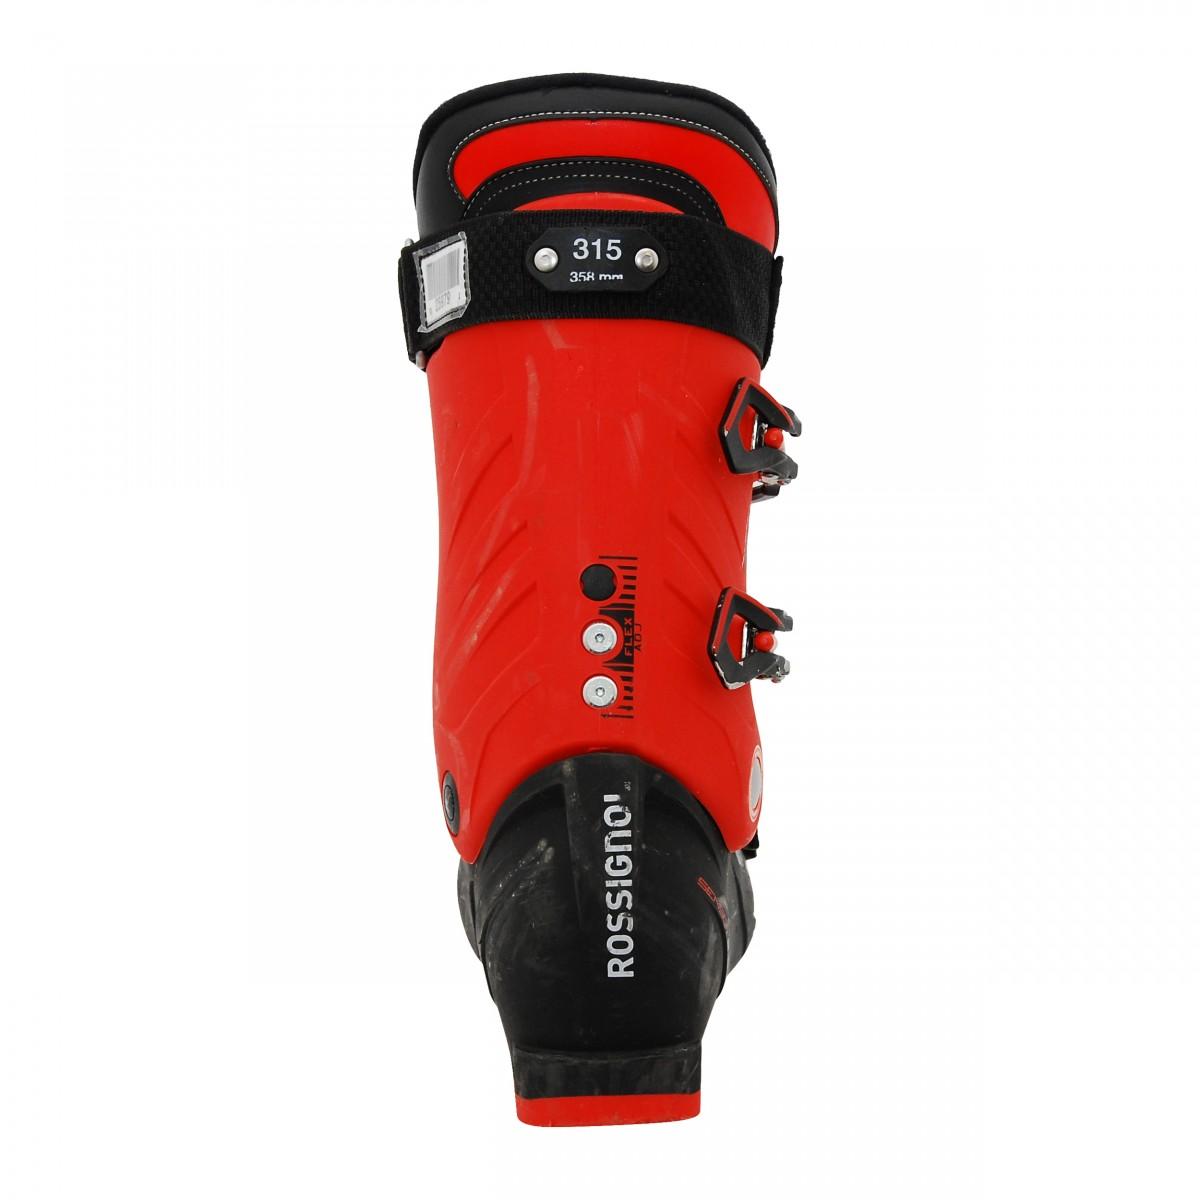 Chaussure-de-ski-Occasion-Rossignol-AllSpeed-R-noir-rouge miniature 3